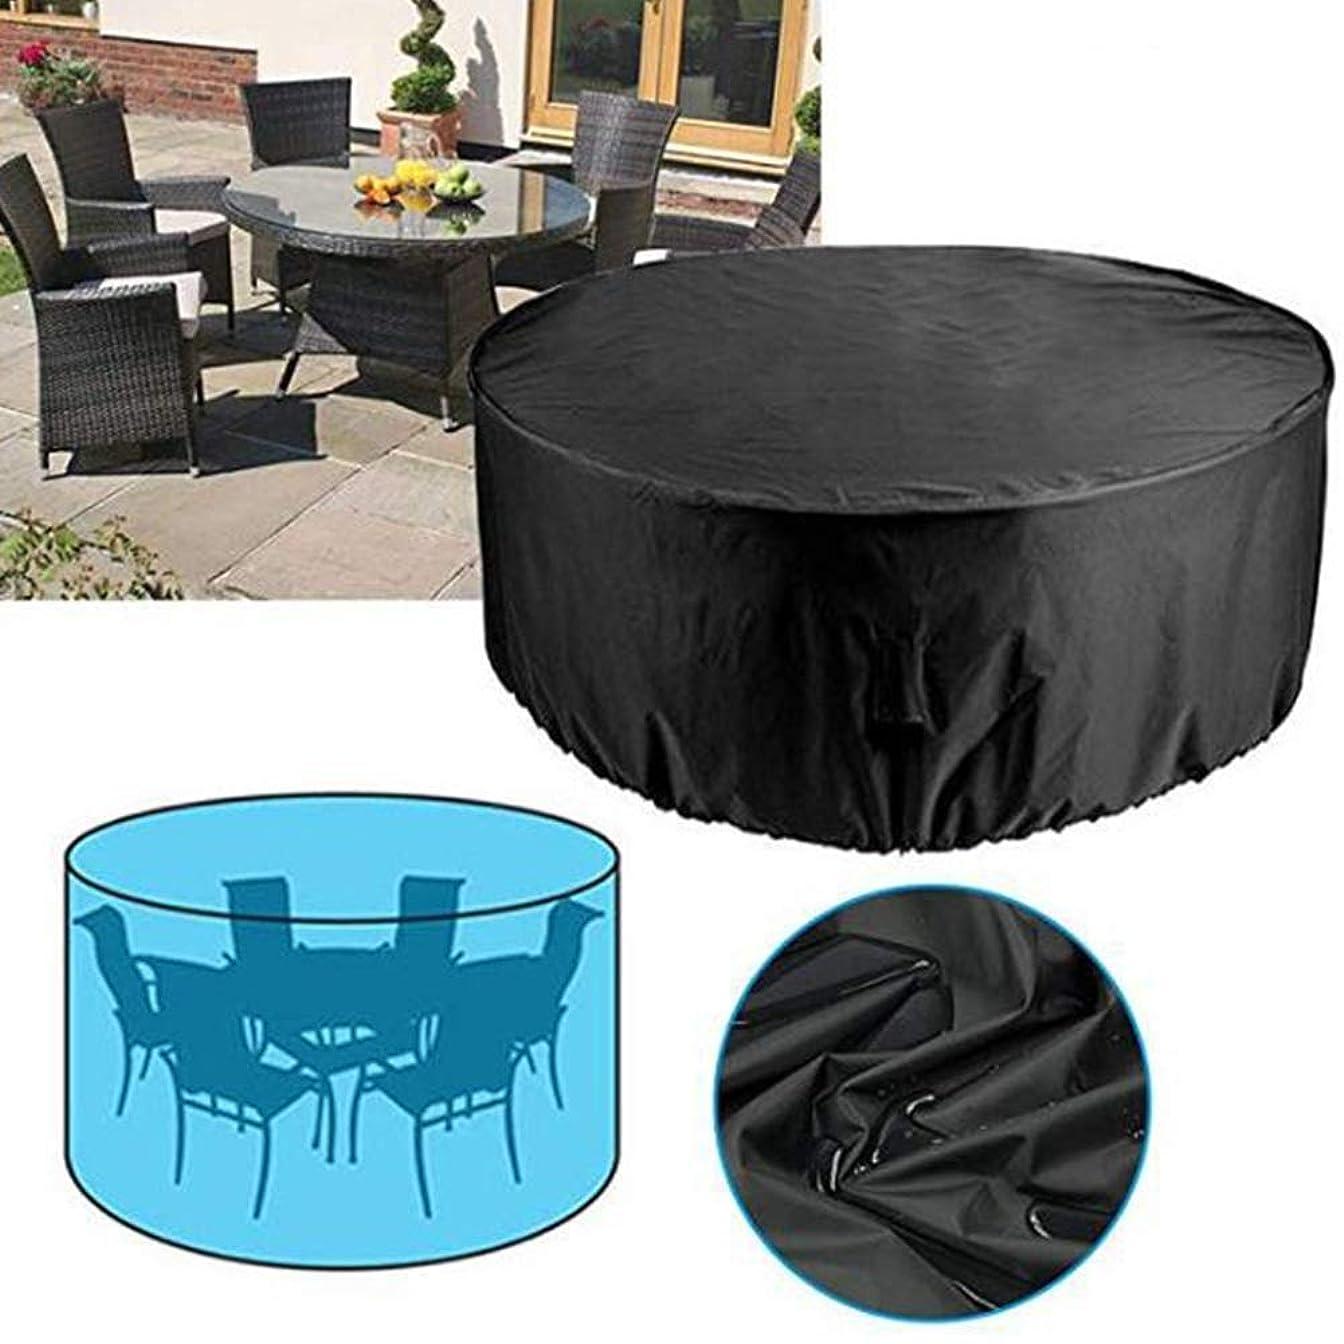 ケーキテントシフトJIANFEI ガーデン屋外カバーテーブル円形 中庭のテーブルと椅子 防水 オックスフォード生地 耐摩耗性 、22サイズ 、注文のサイズを支えて下さい (Color : Black, Size : 140x90cm)